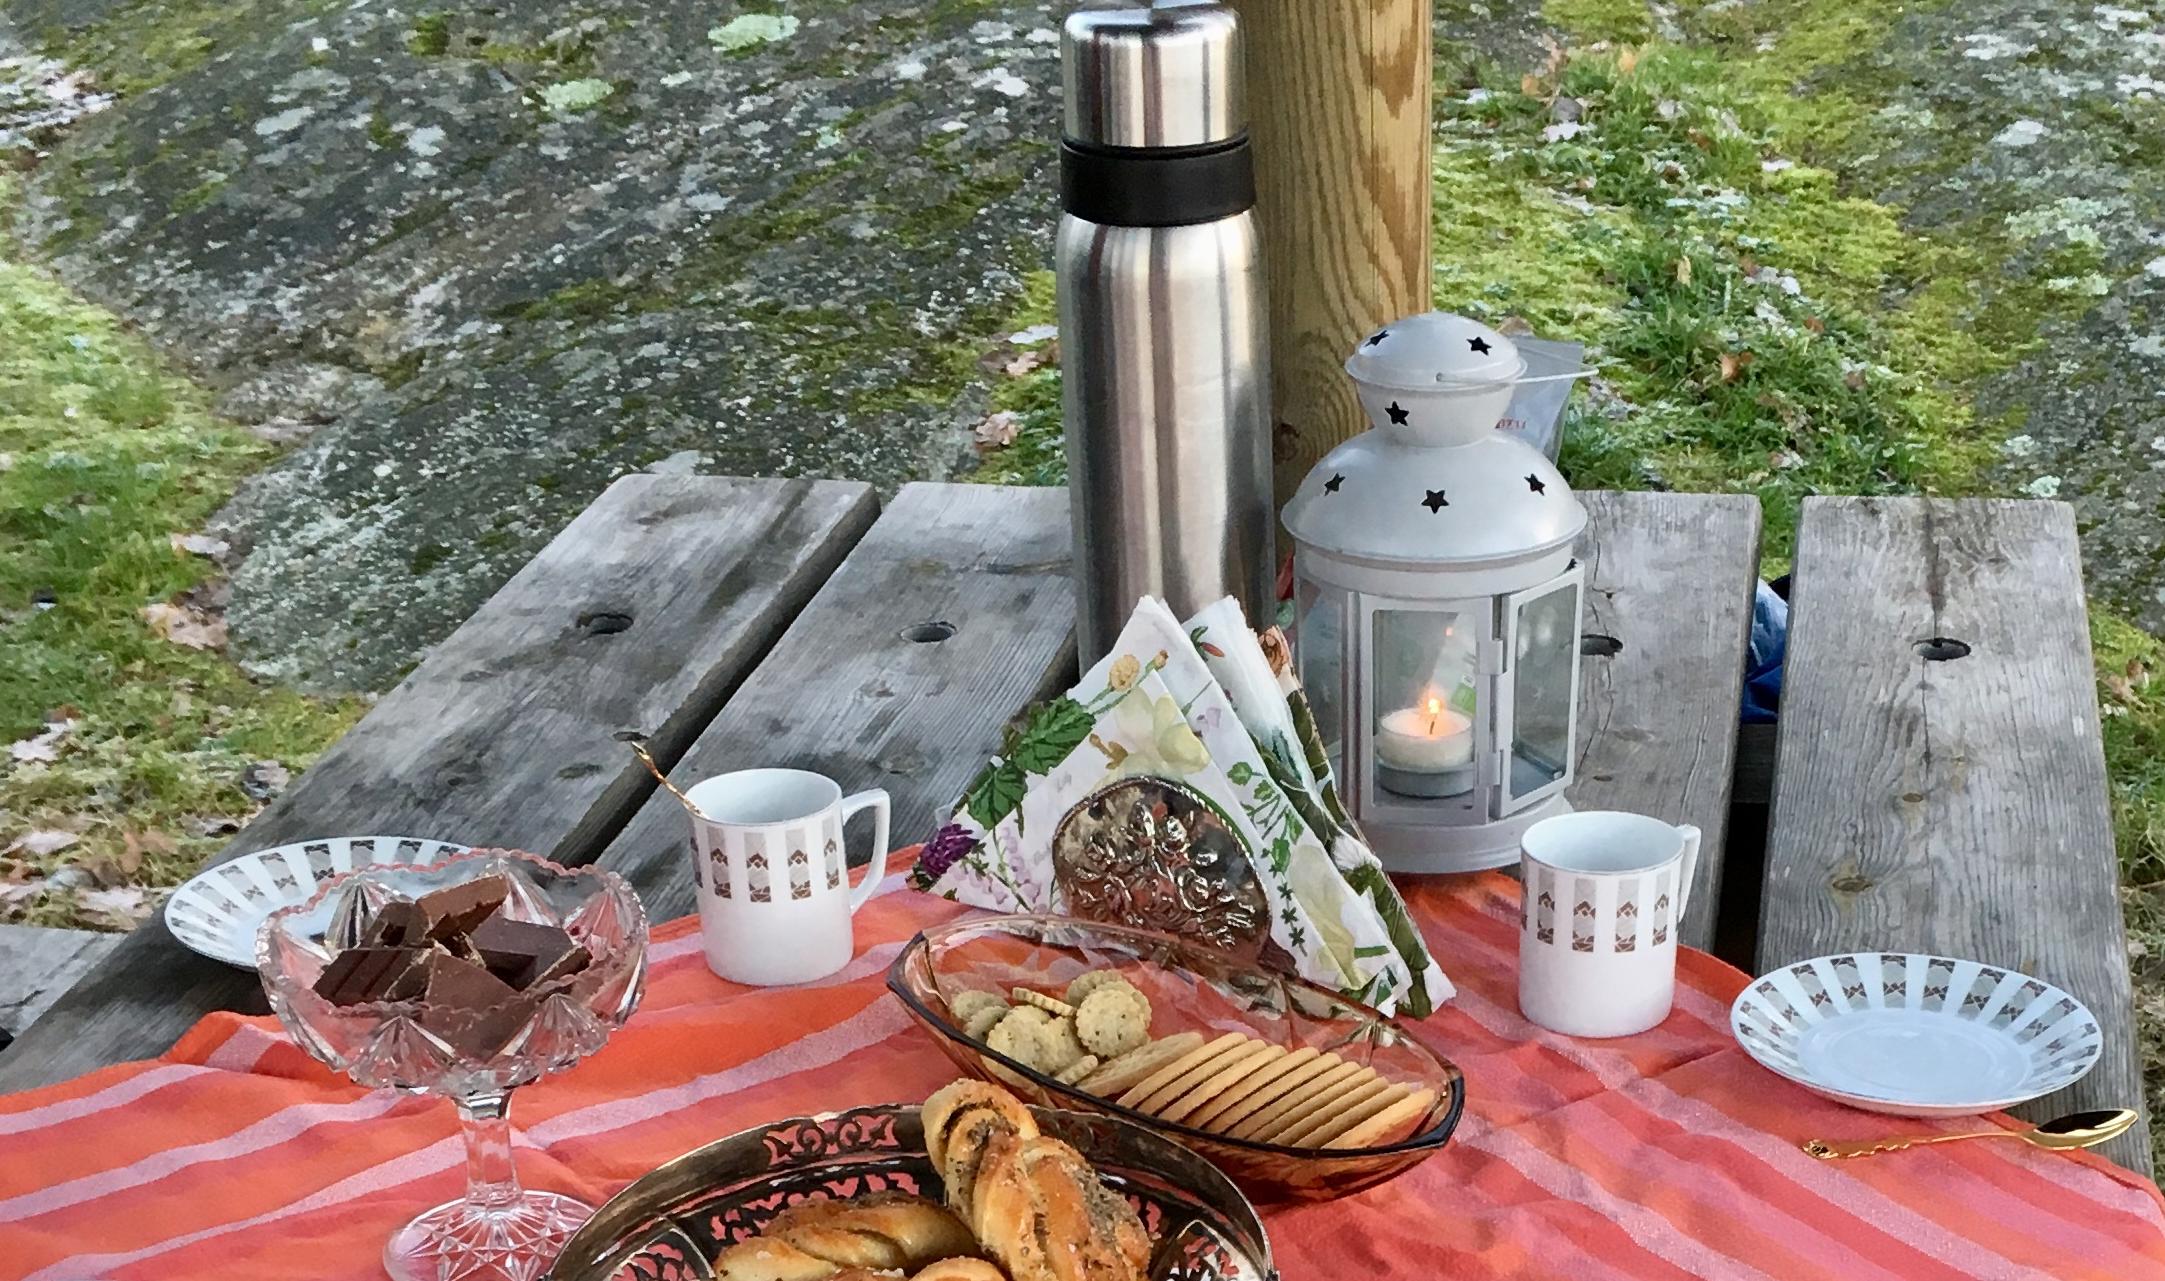 Vinterpicknick för två. Foto: Jenny Rosen, Djurgårdens Ekolyx.